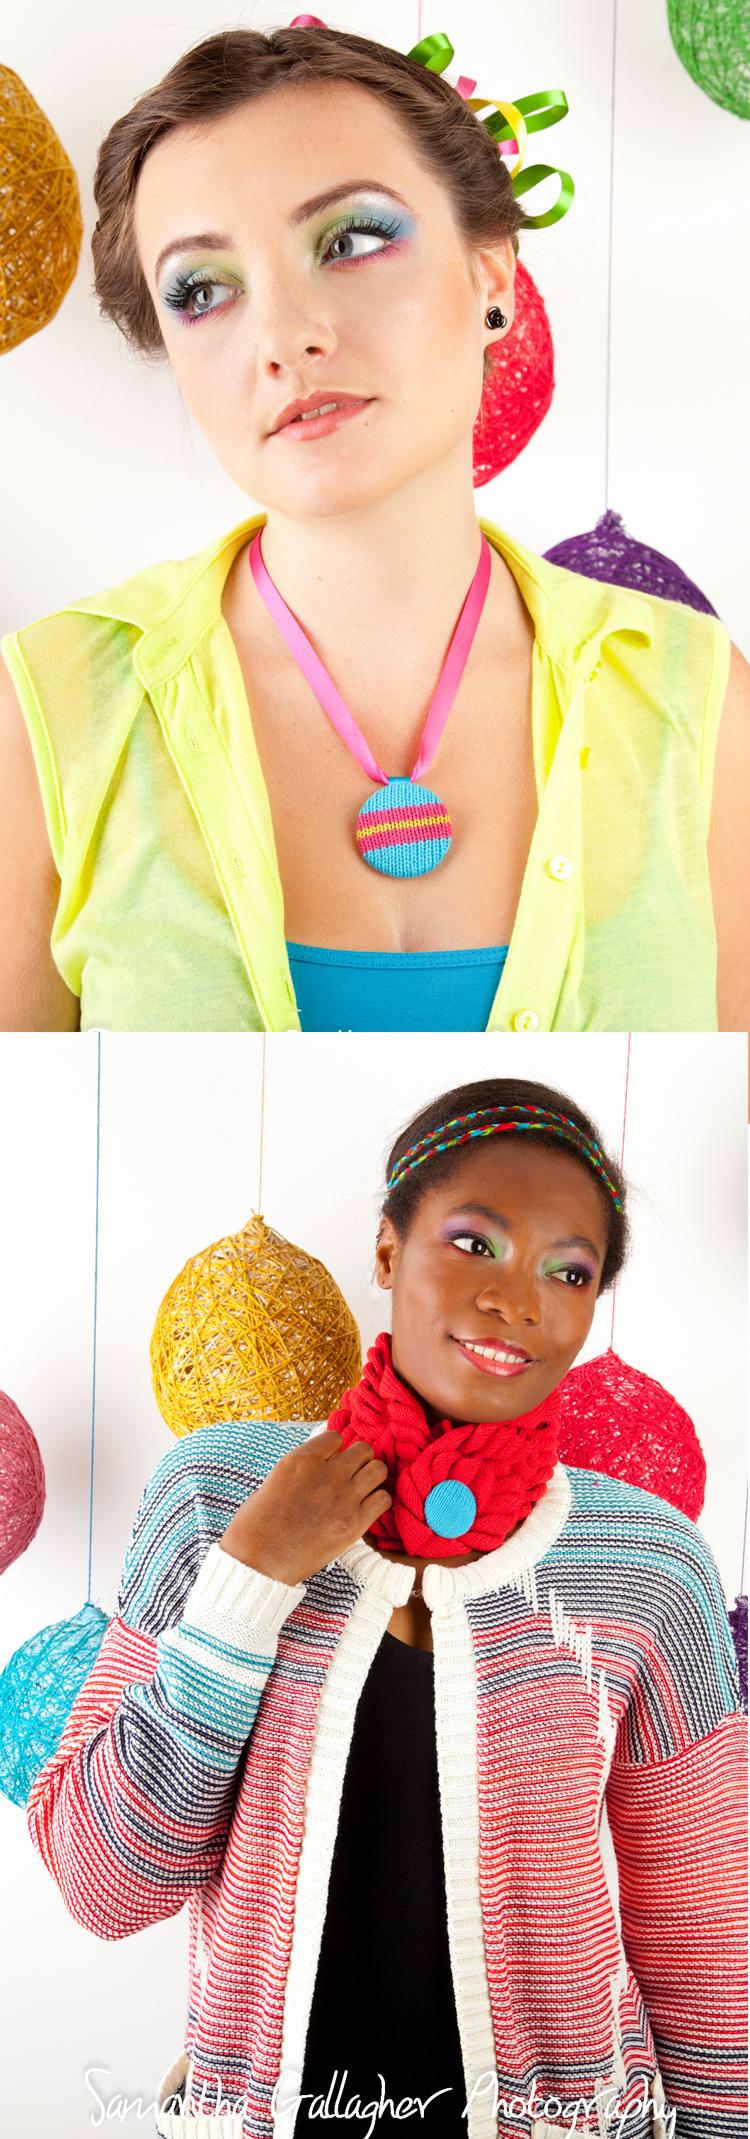 Makeup by Rachael Gunn Makeup artistry, Hair styling by Rachael Gunn Makeup artistry / Uploaded 9th October 2012 @ 11:53 AM